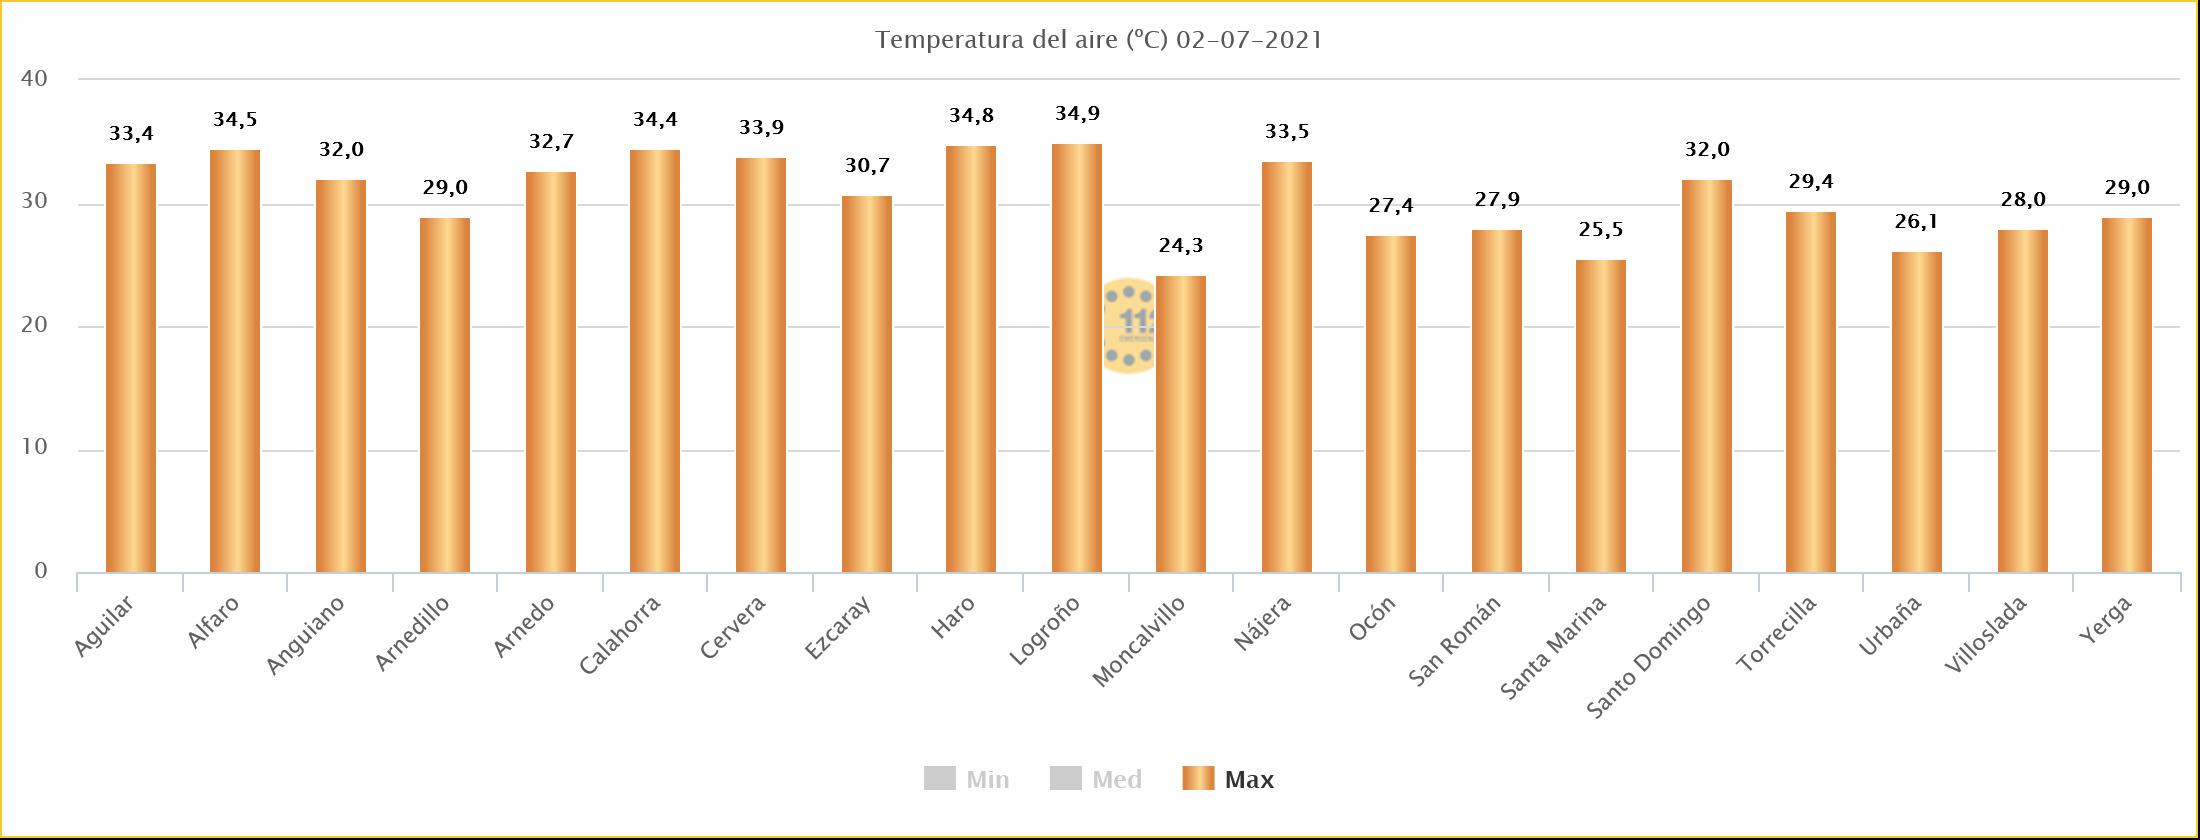 Temperaturas Máxmas 02 de Julio Estaciones SOS Rioja